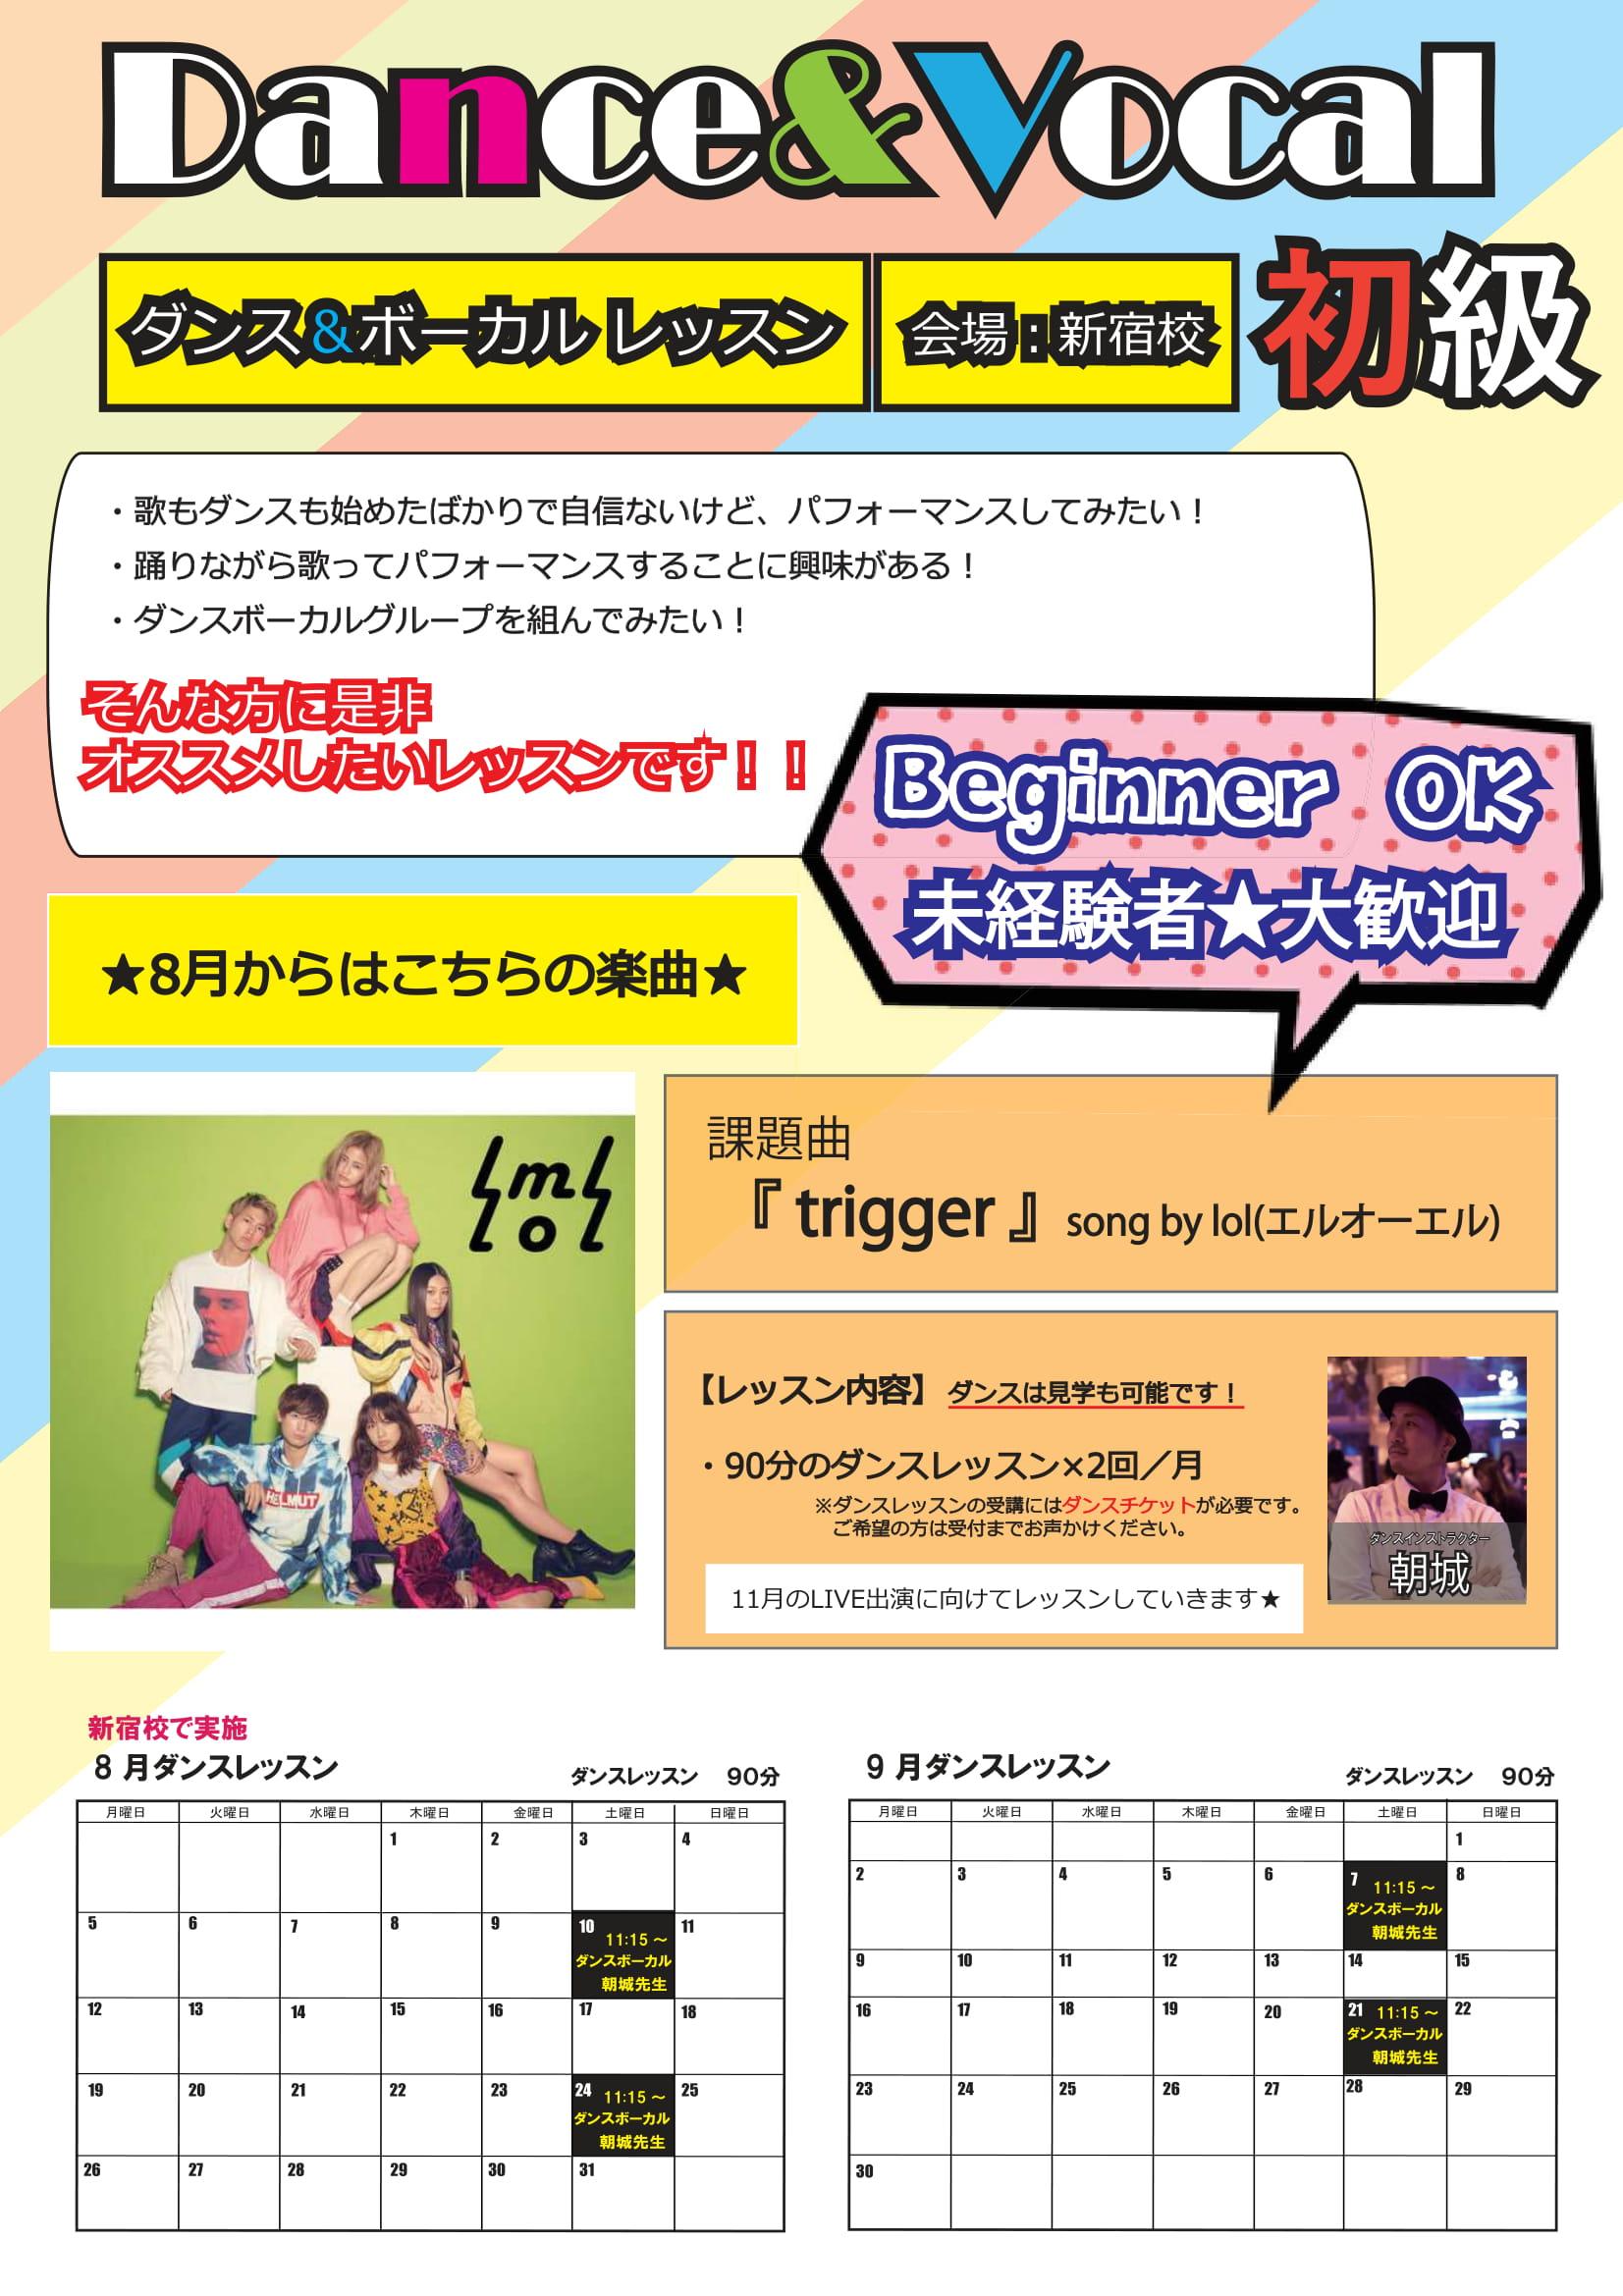 8月ダンスボーカルPOP.jpg